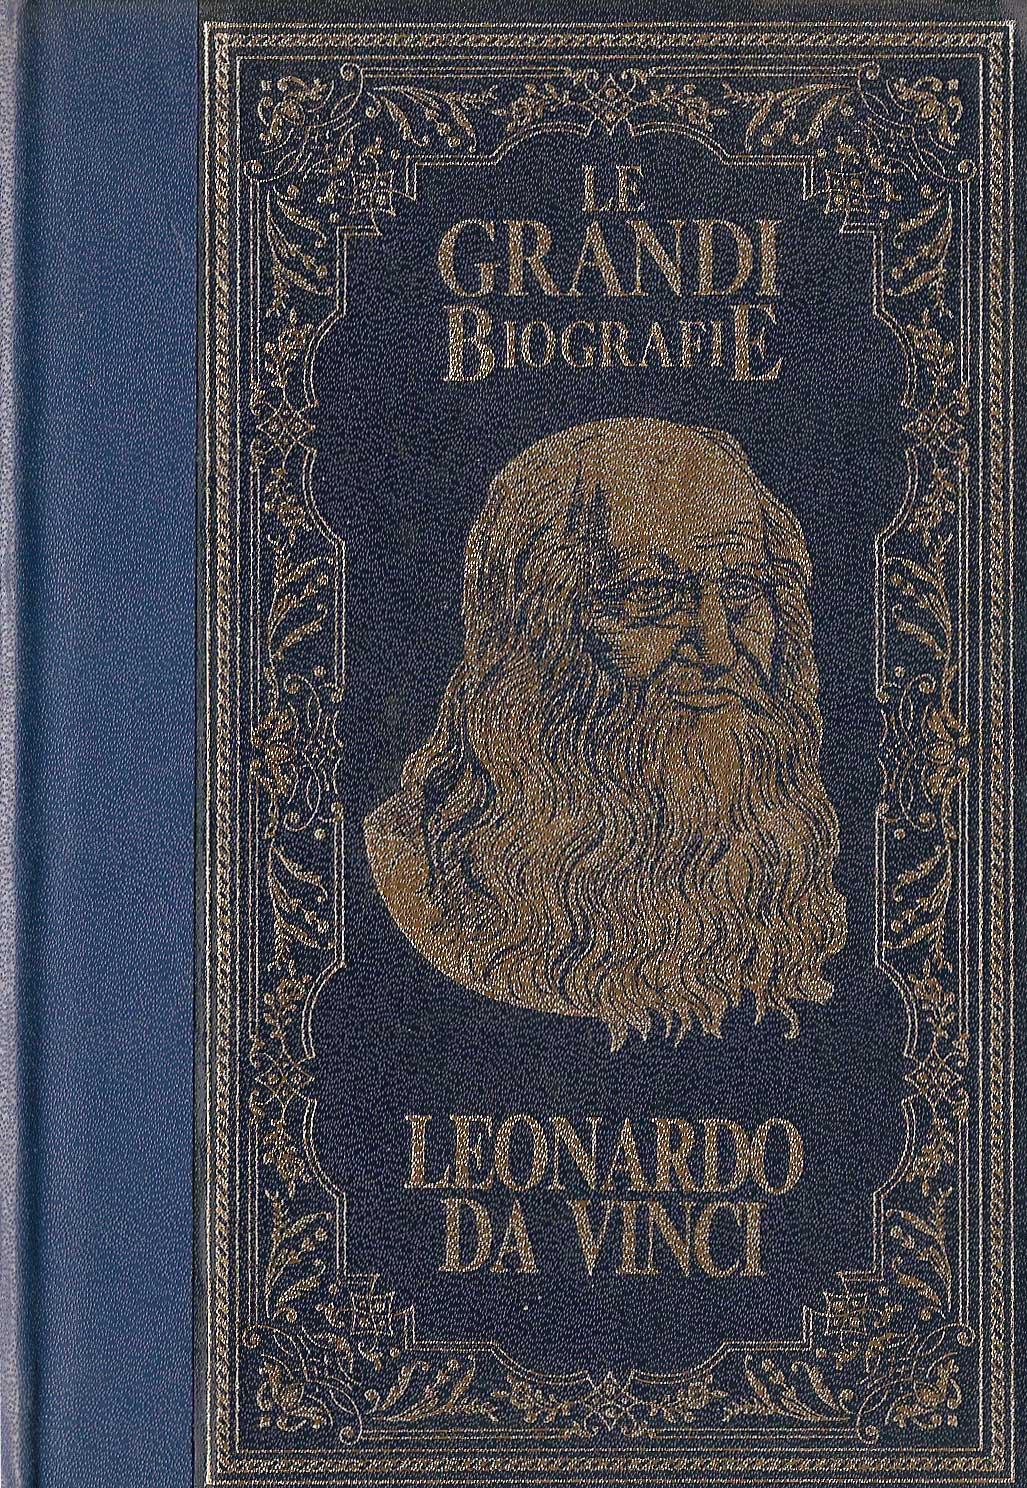 La vita di Leonardo